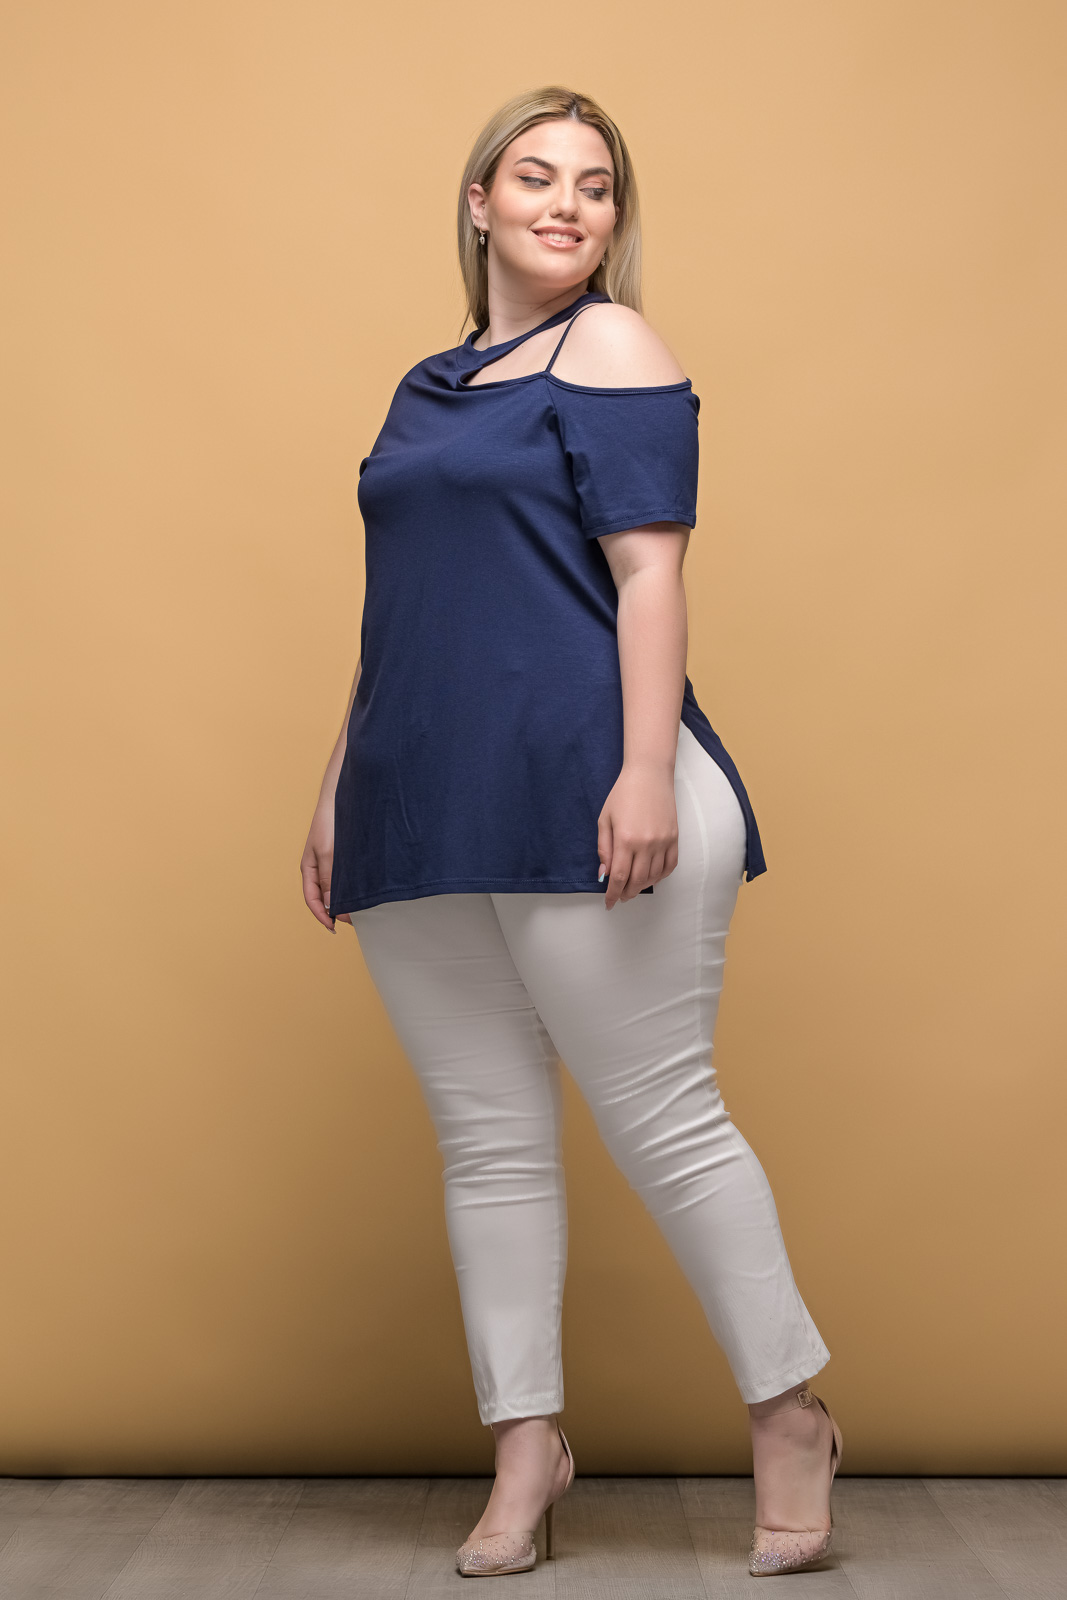 Μπλούζα με έξω ώμο μπλε και ανοίγματα στο πλάι